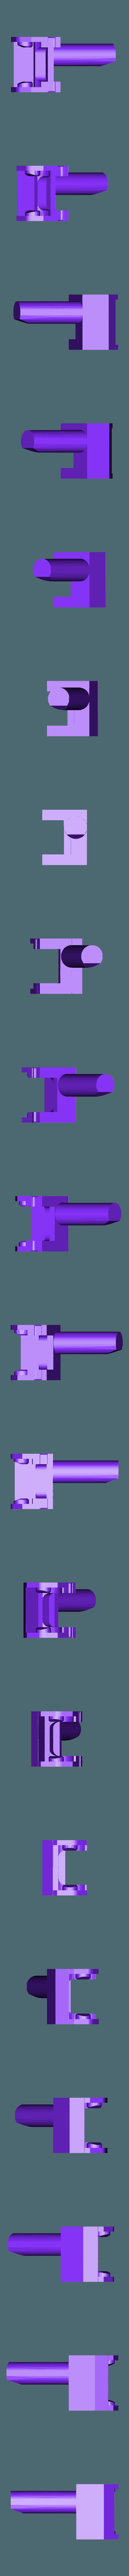 attache_chaine_hot_end_modele_discoultimate.stl Télécharger fichier STL gratuit Chaine_Hot_End_(Modele_DiscoUltimate) • Design pour impression 3D, juliencasimir83